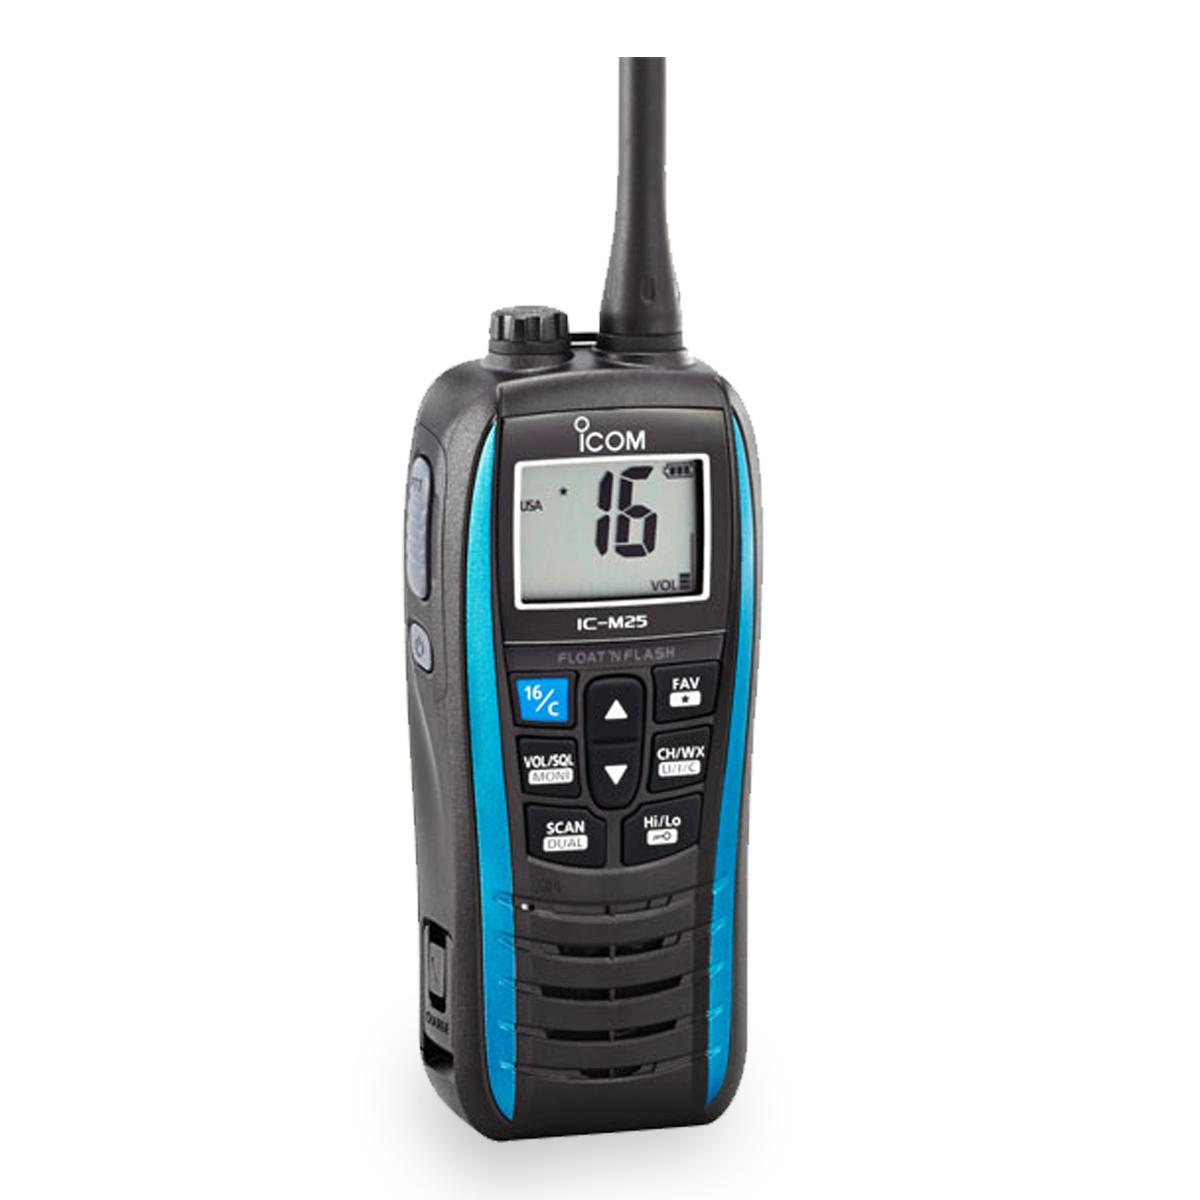 Radio Icom IC-M25 Analógico